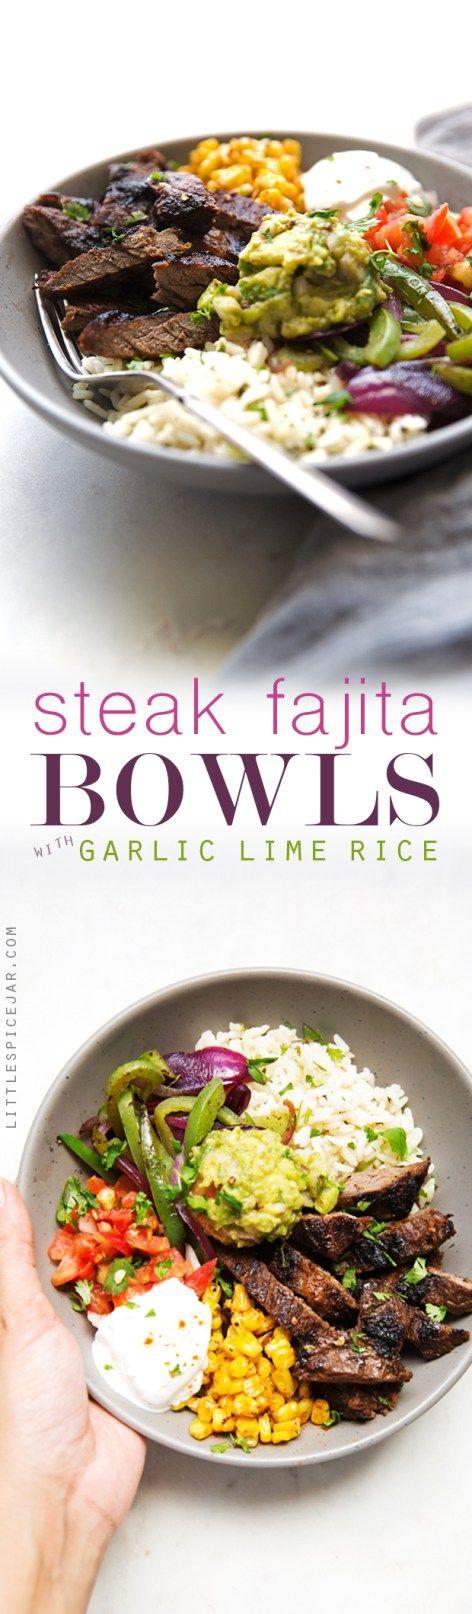 Homemade steak fajita bowls with garlic lime rice. These fajita bowls taste…